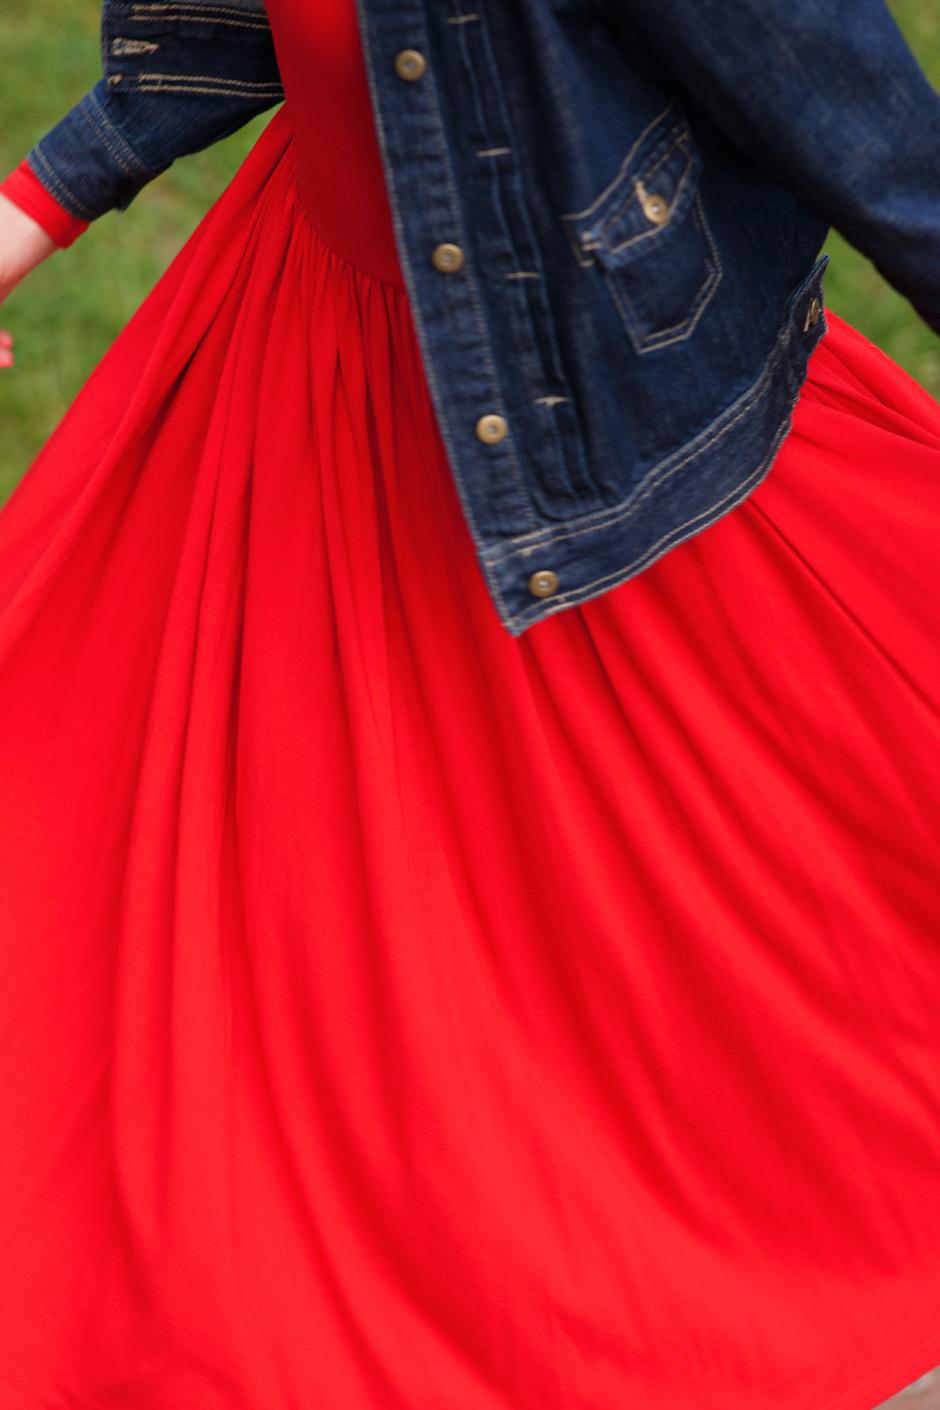 sukienka czerwona risk made in warsaw gotowa na wszystko, pudrowo różowe zaxy (7)